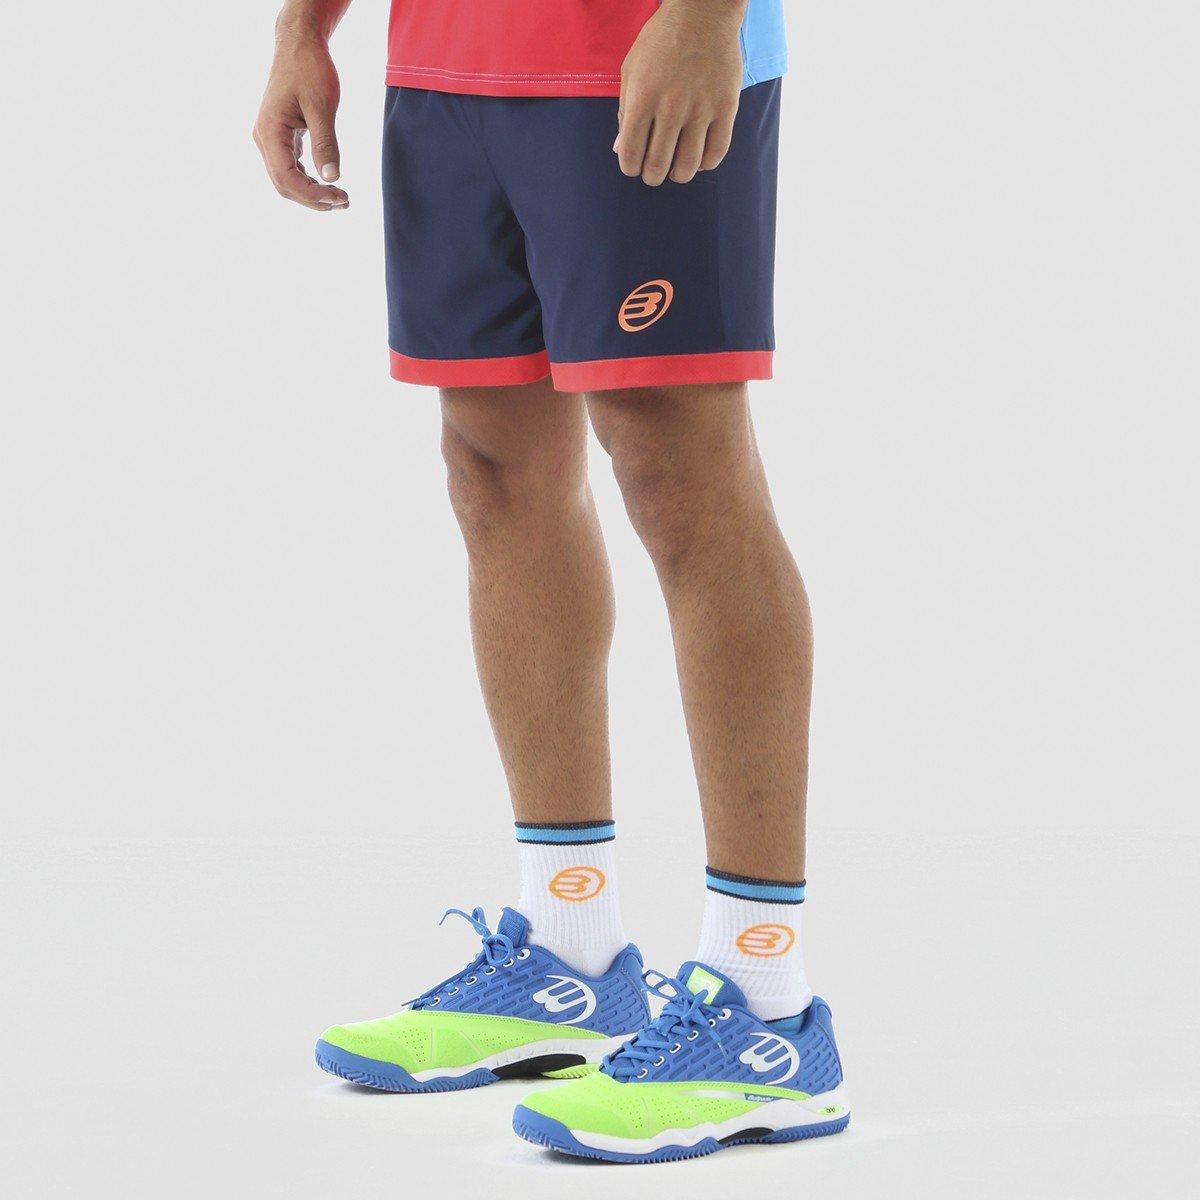 Short padel hombre Tolibia (XL): Amazon.es: Deportes y aire libre